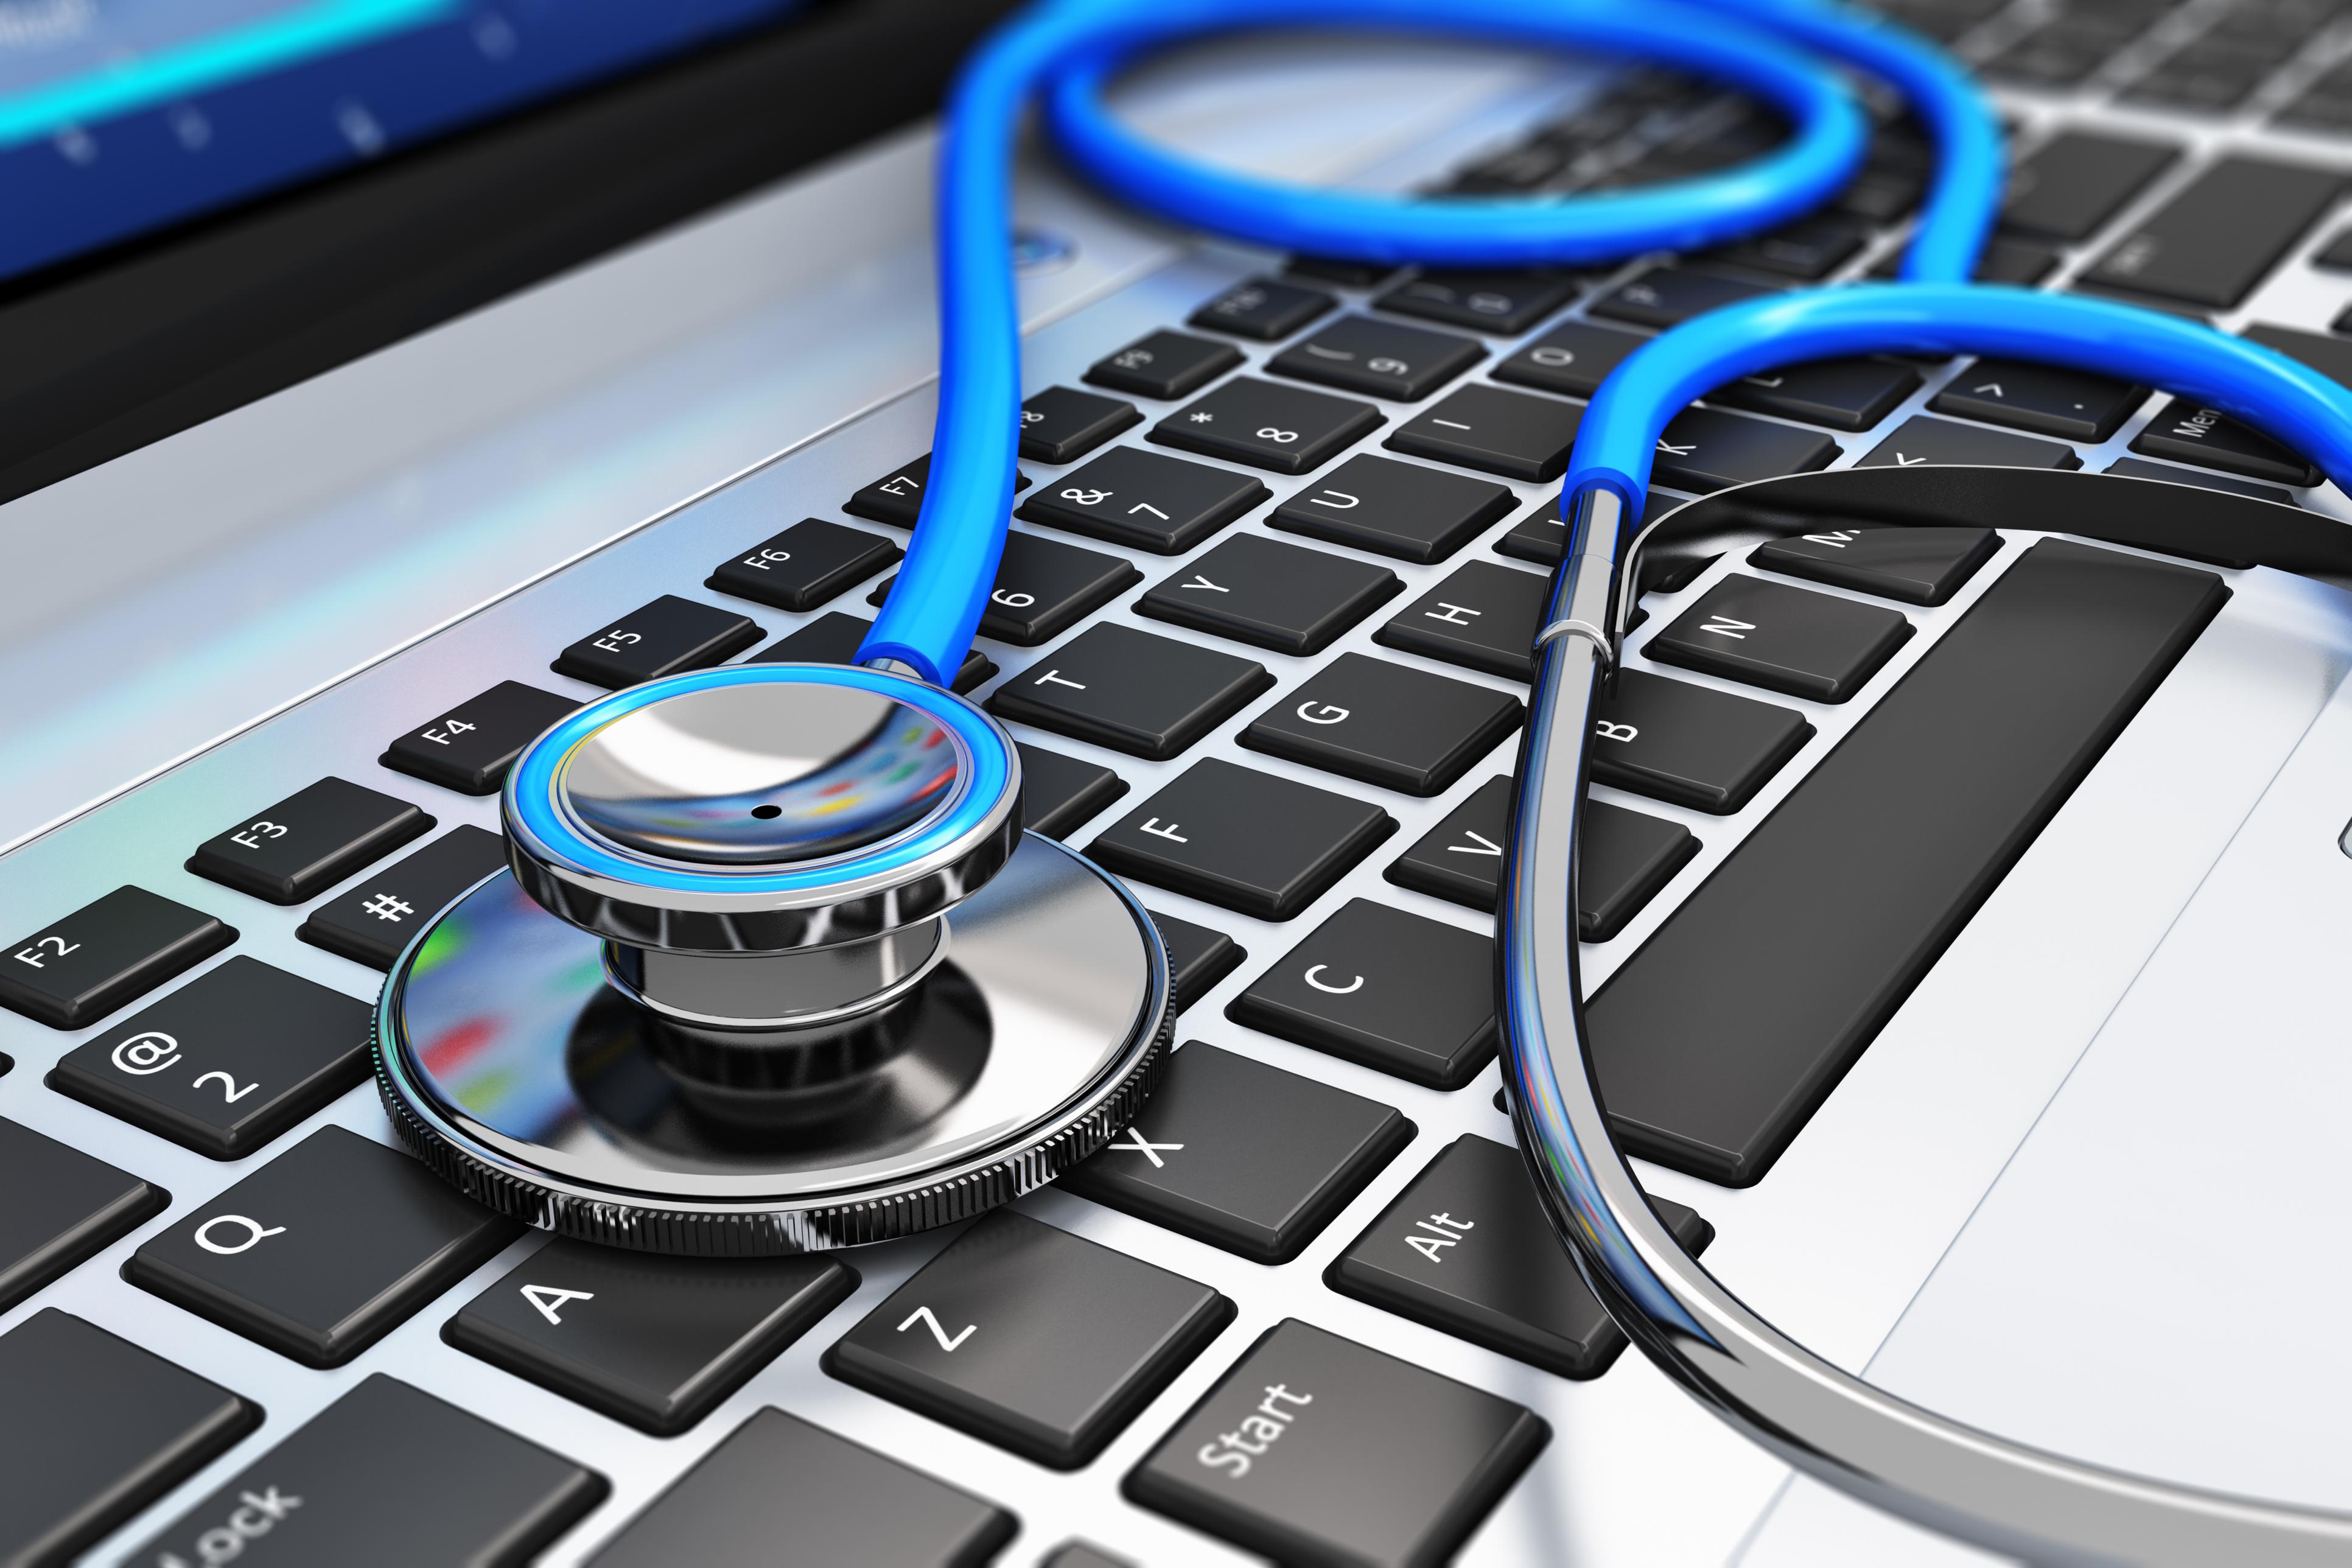 Älä osta terveystuotteita epäilyttäviltä verkkosivuilta